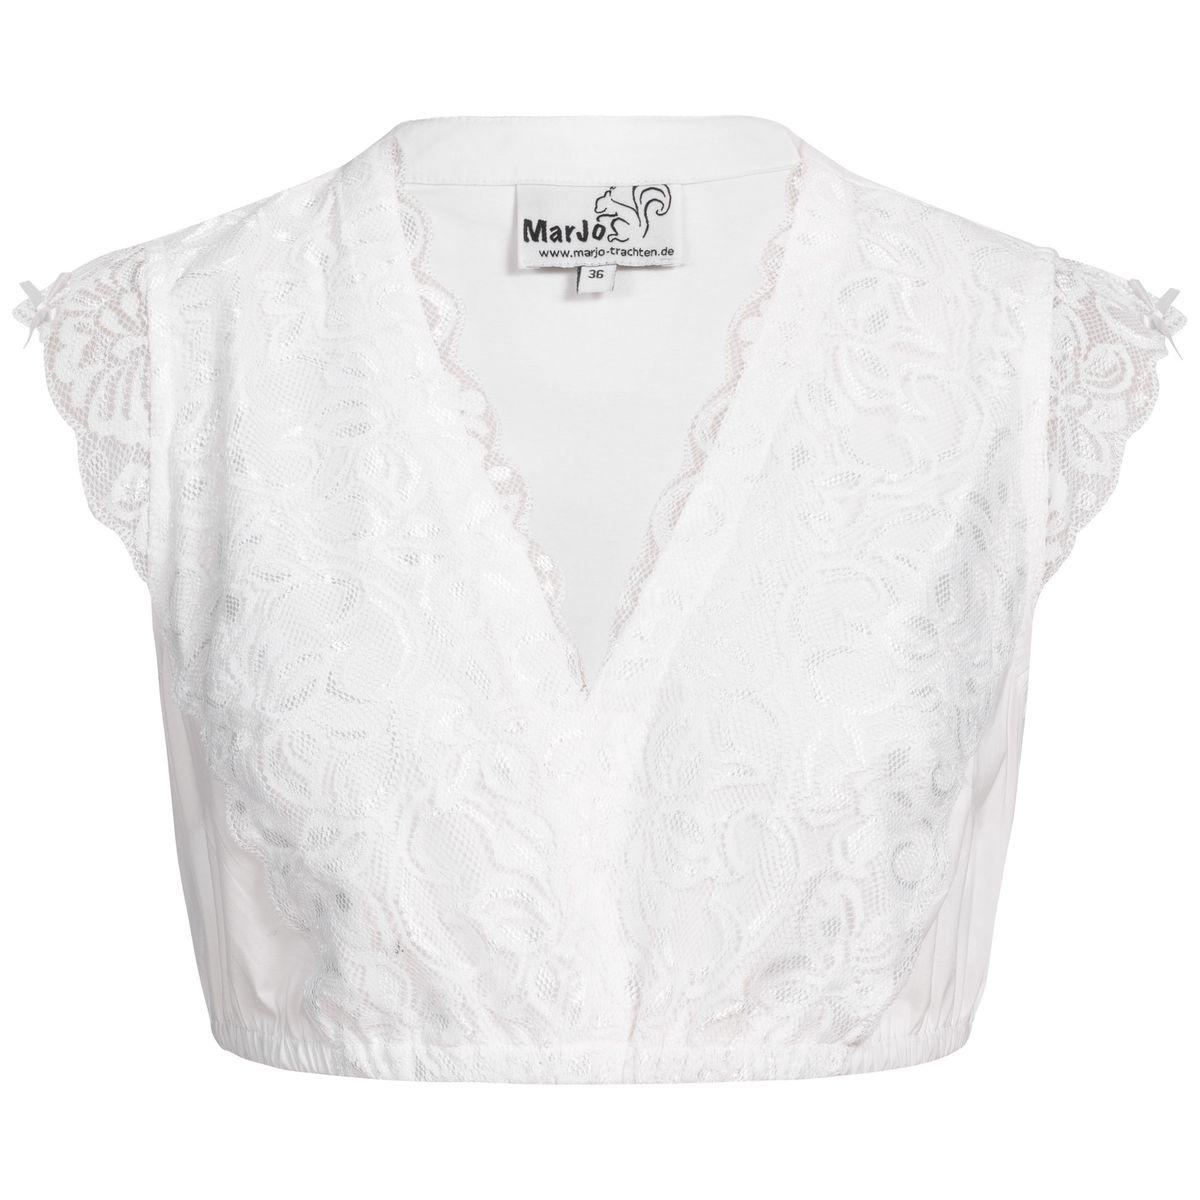 Dirndlbluse Fergie-Almut in Weiß von Marjo Trachten